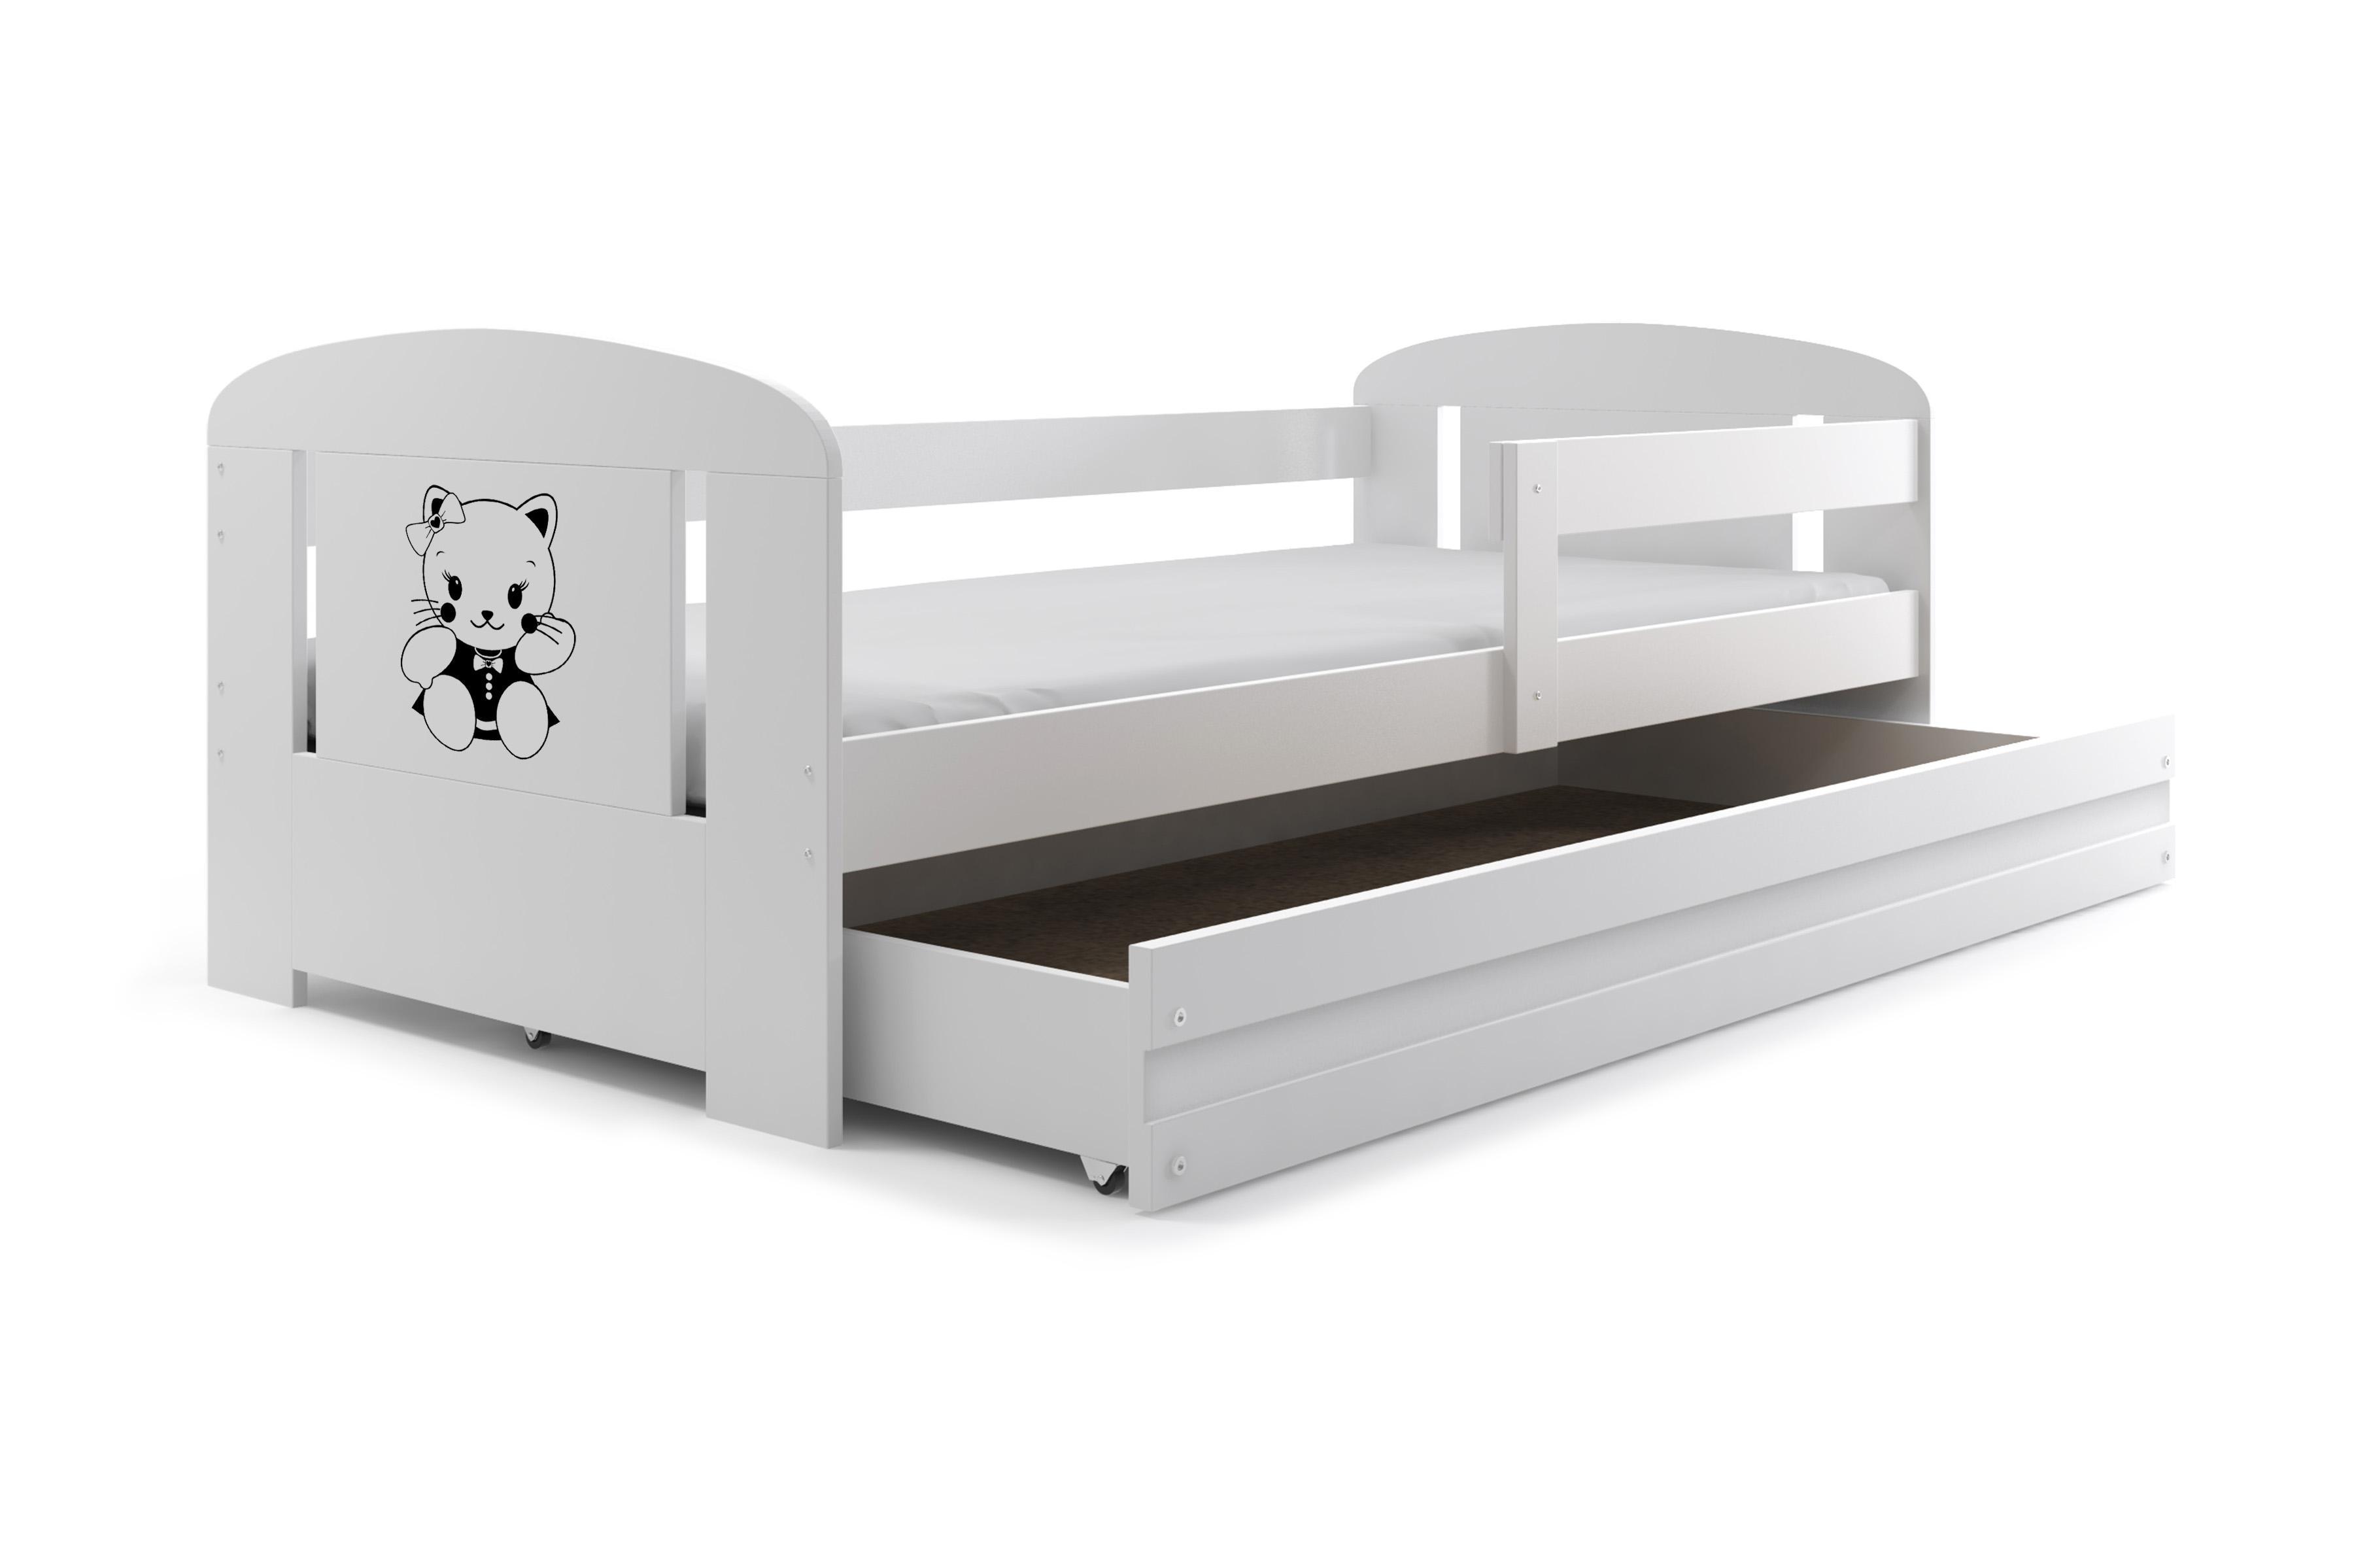 Posteľ FILIP 160x80cm - Biela - Biela - Mačička